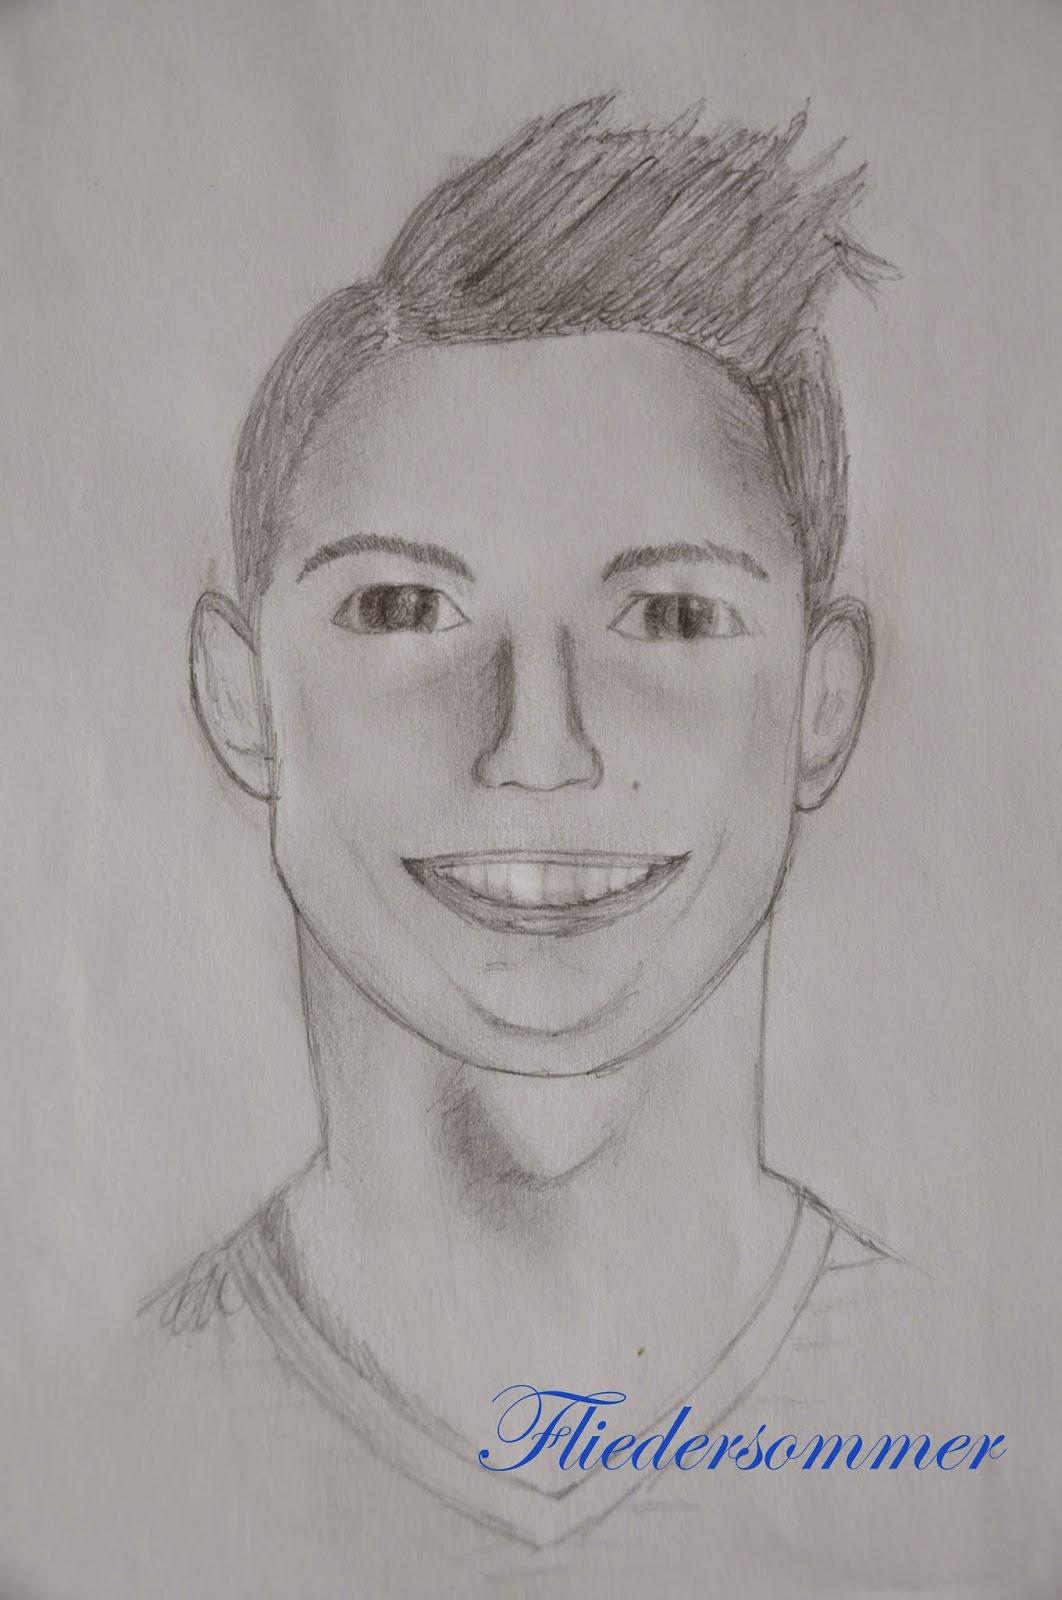 Fliedersommer Zeichnung Cristiano Ronaldo